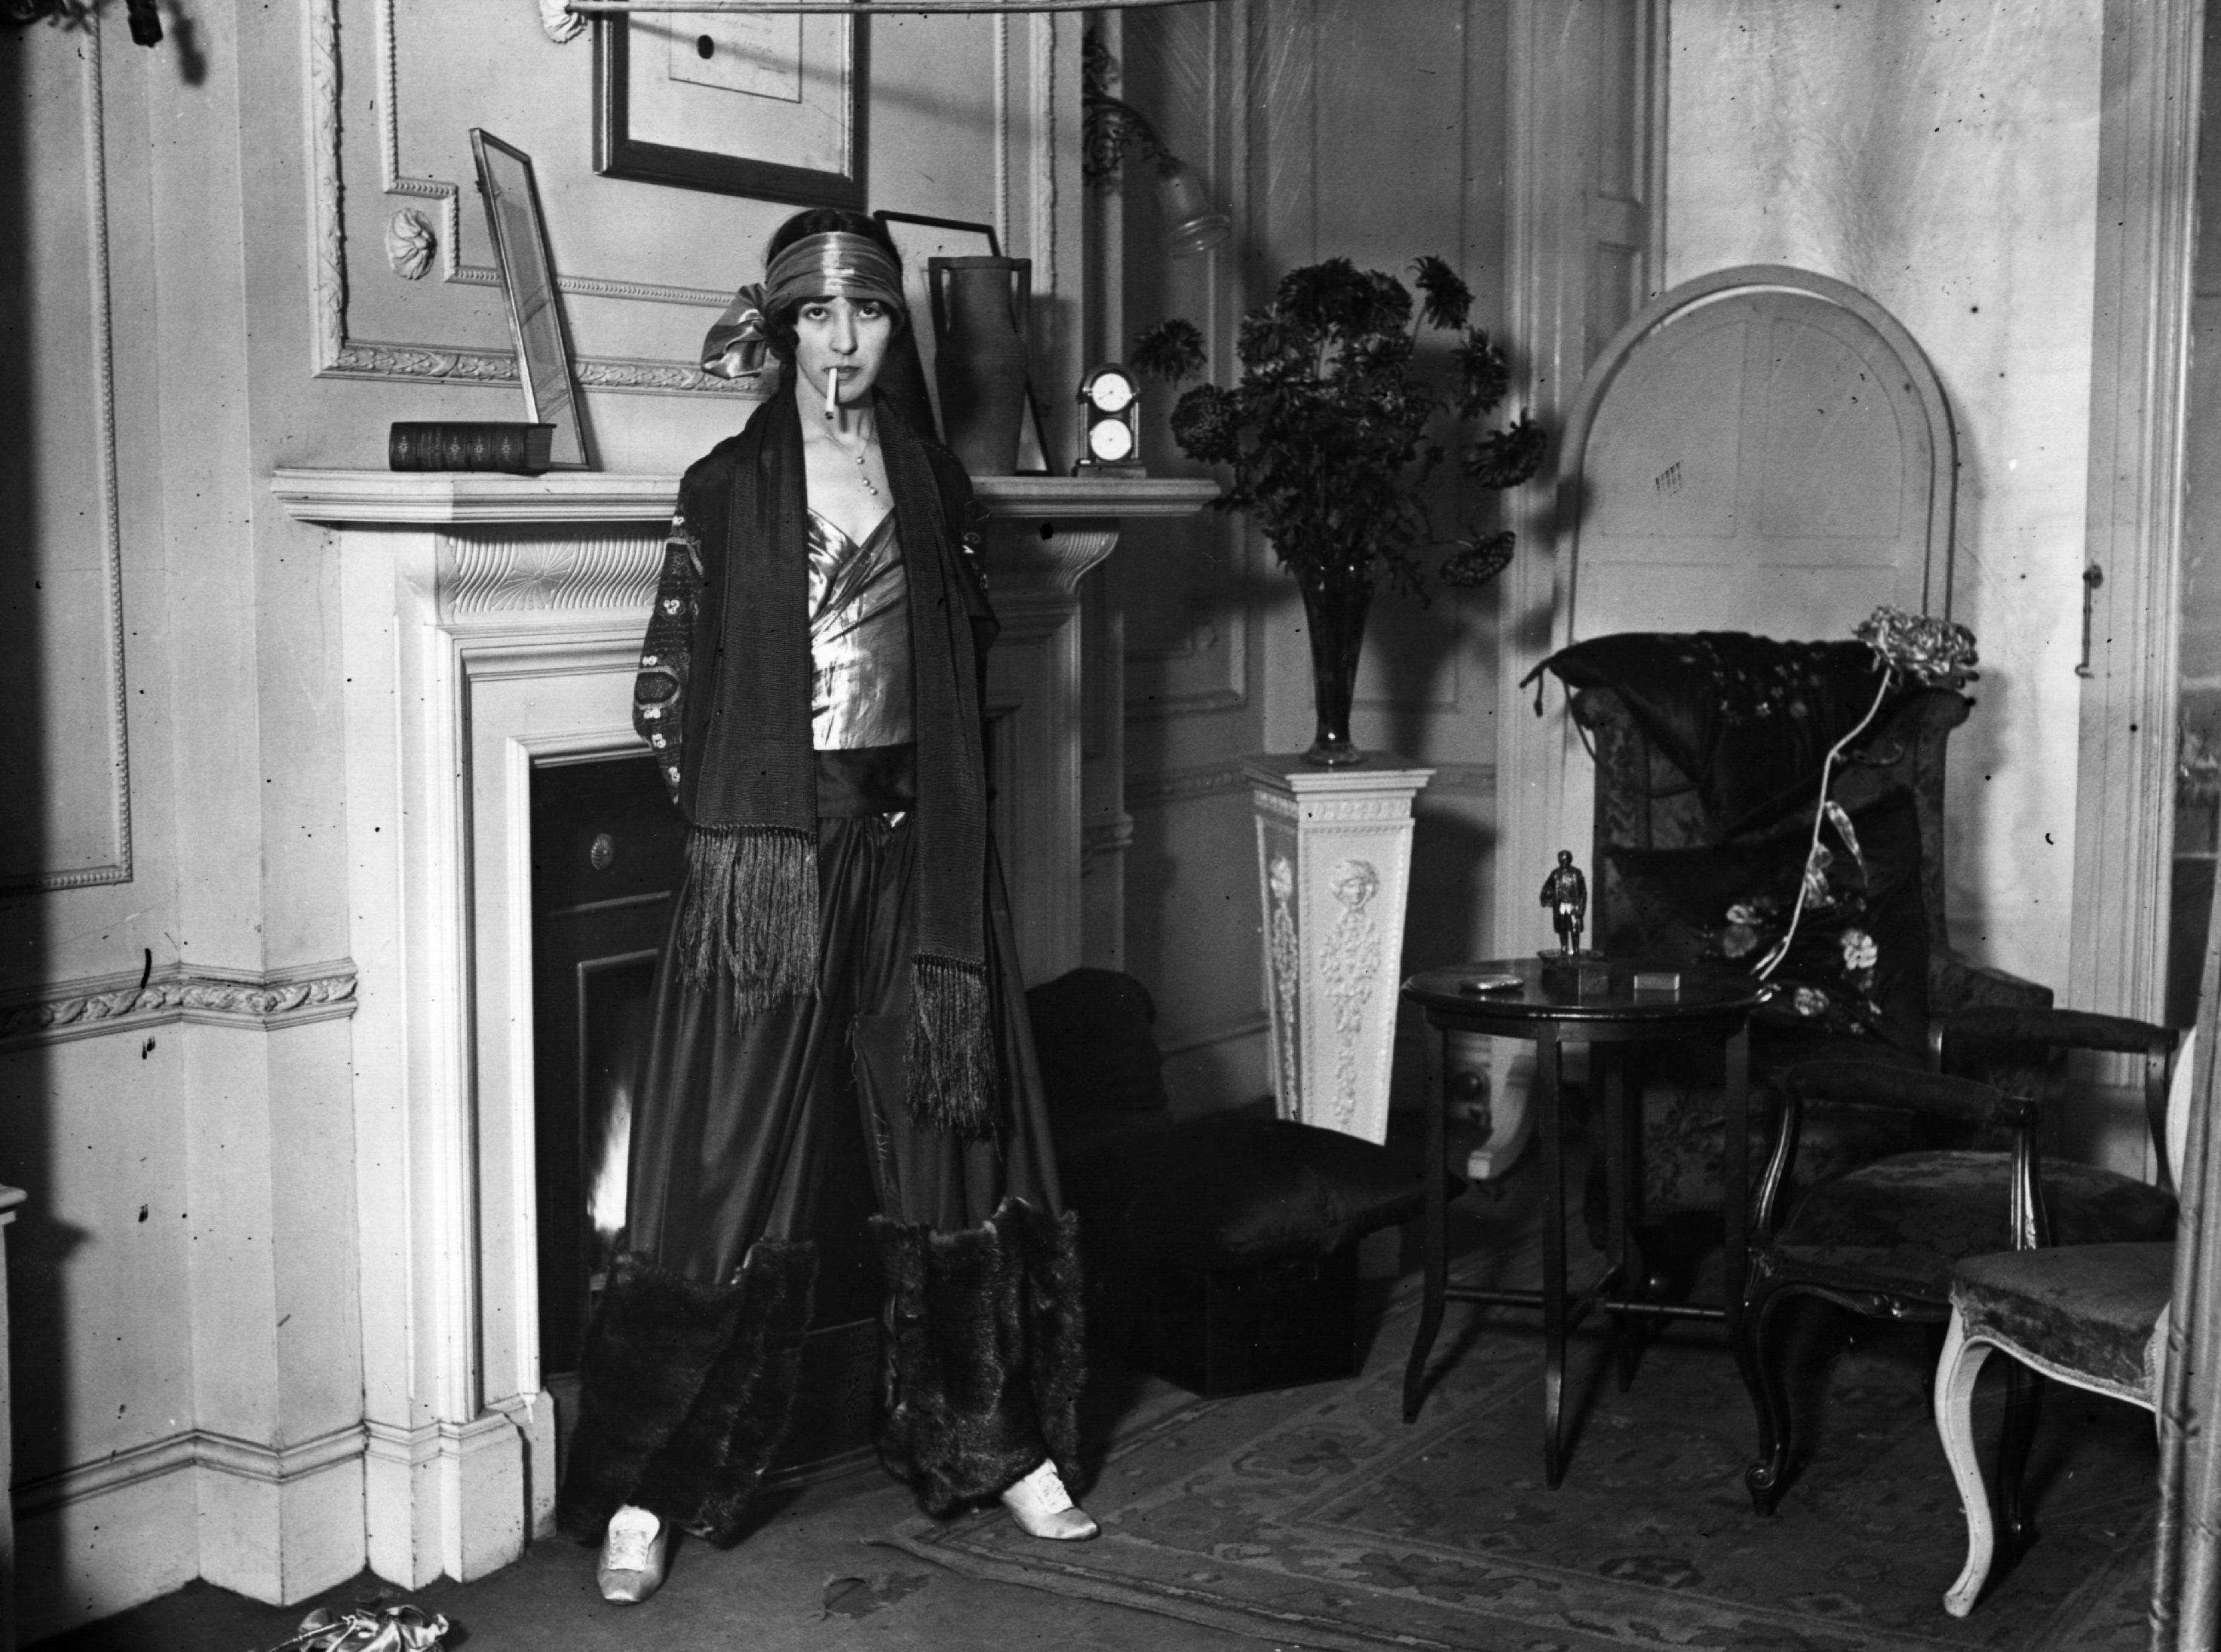 smoking suit woman 1920s